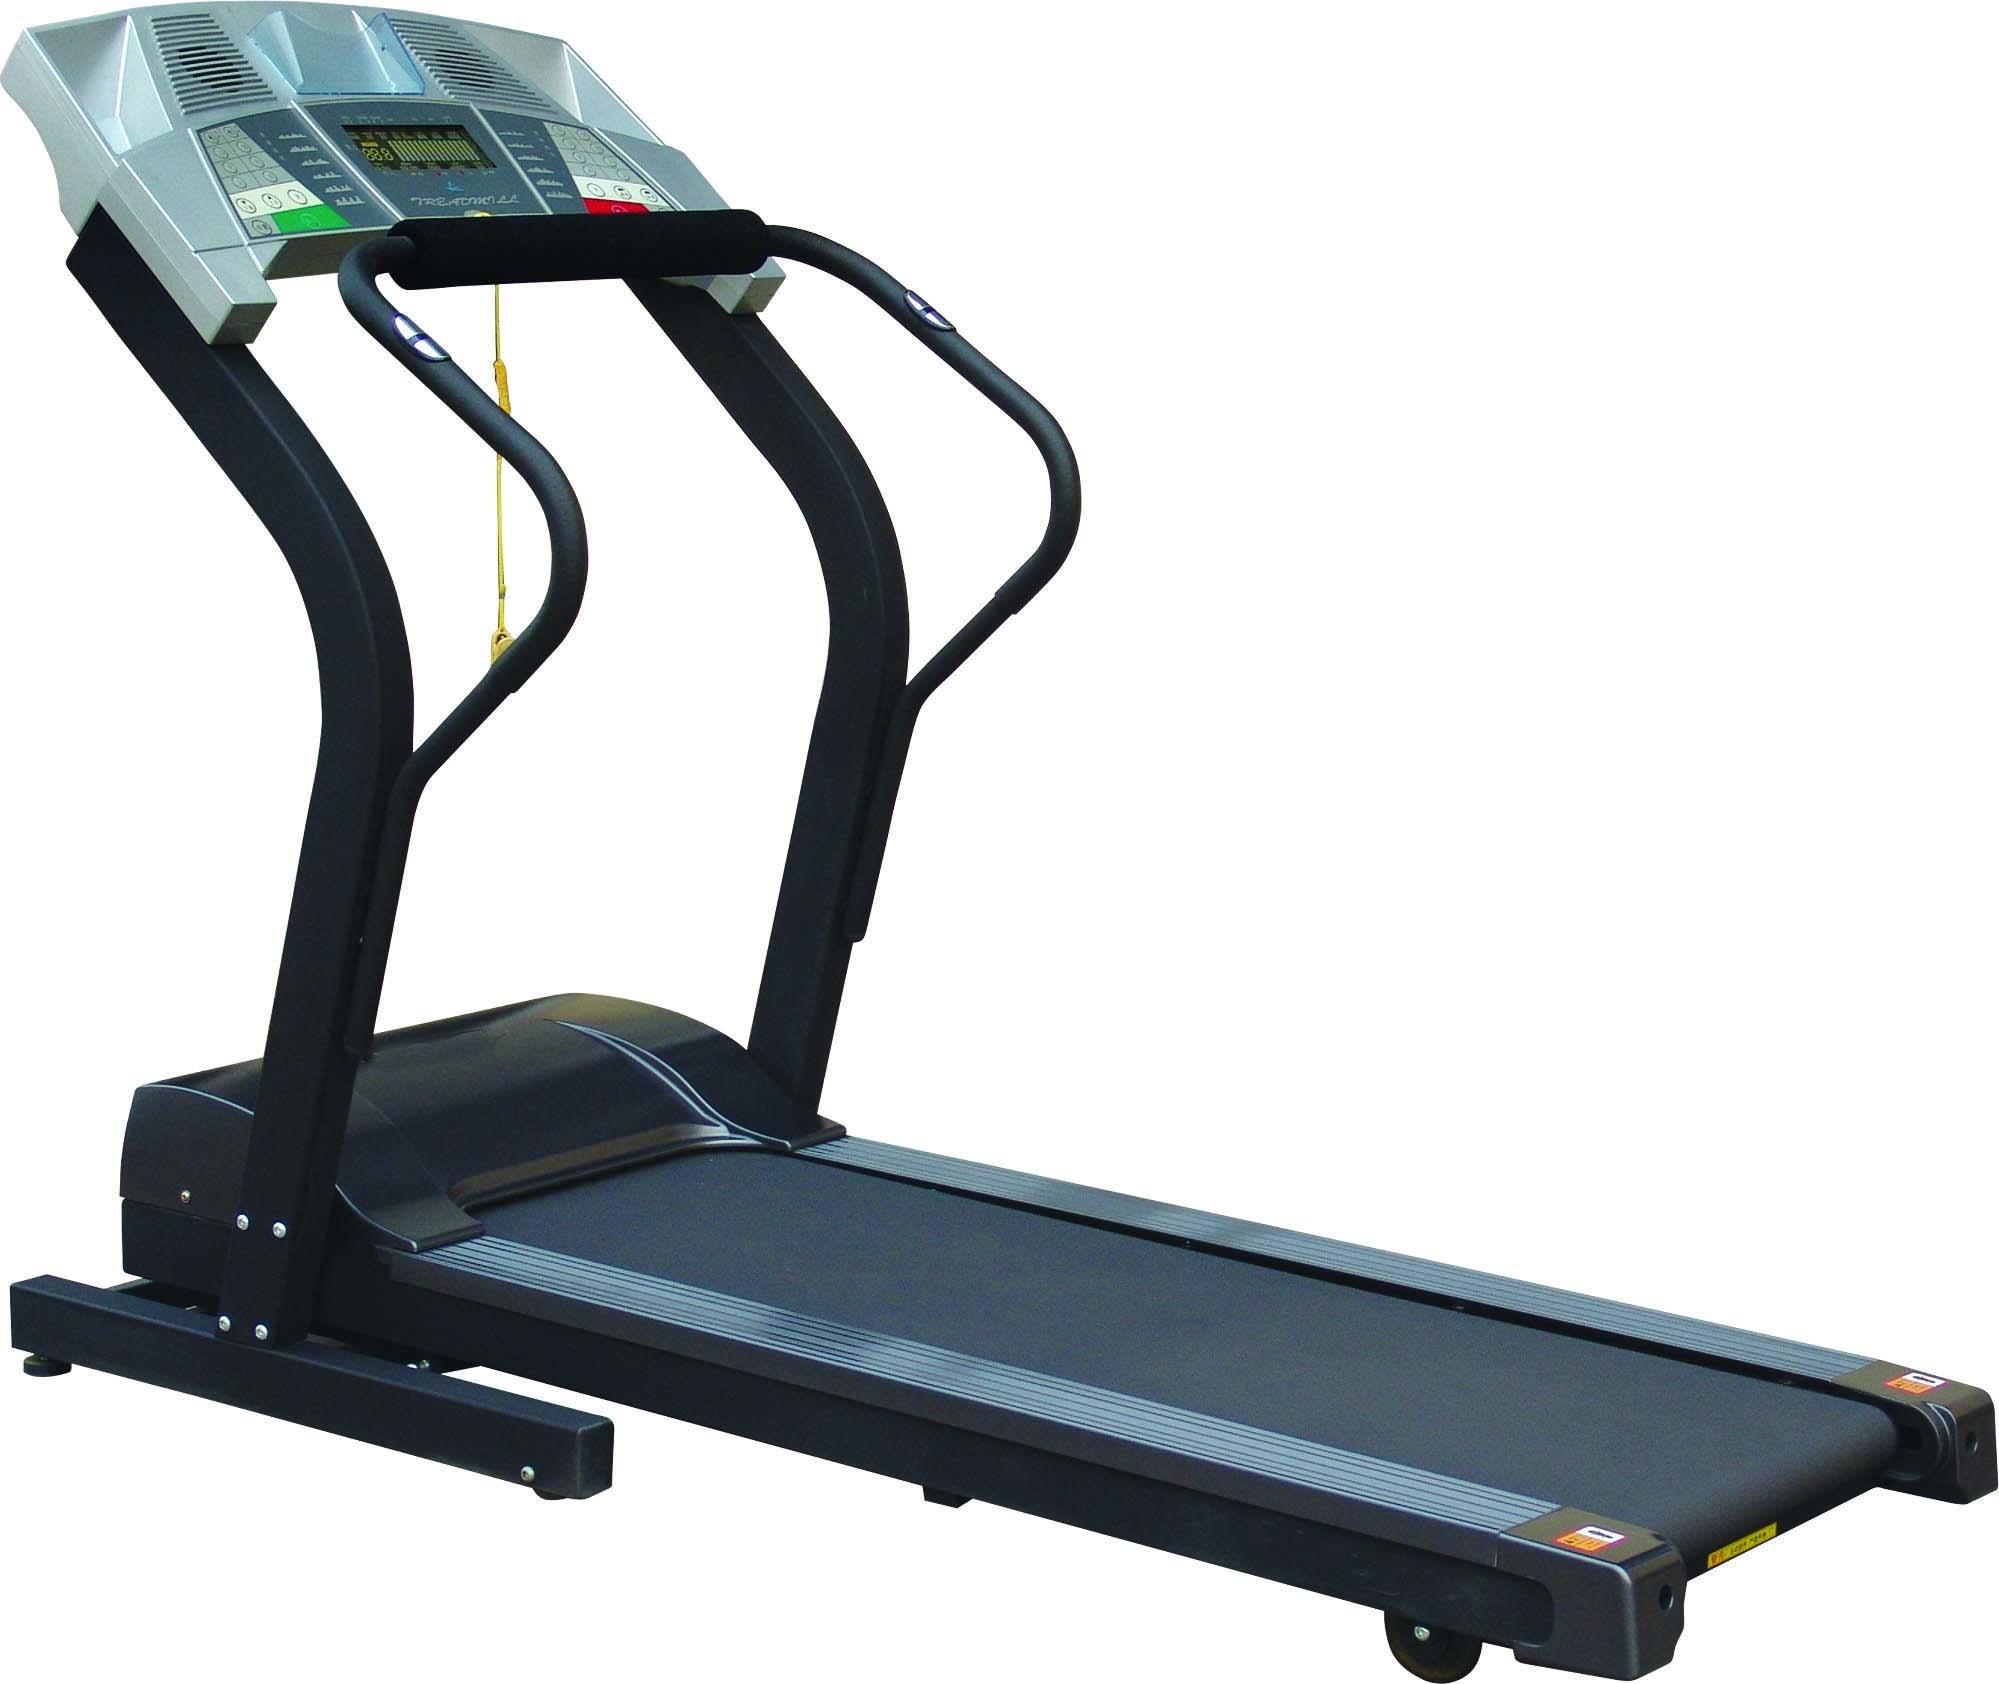 China Motorized Treadmill Rm181 China Motorized Treadmill Electric Treadmill